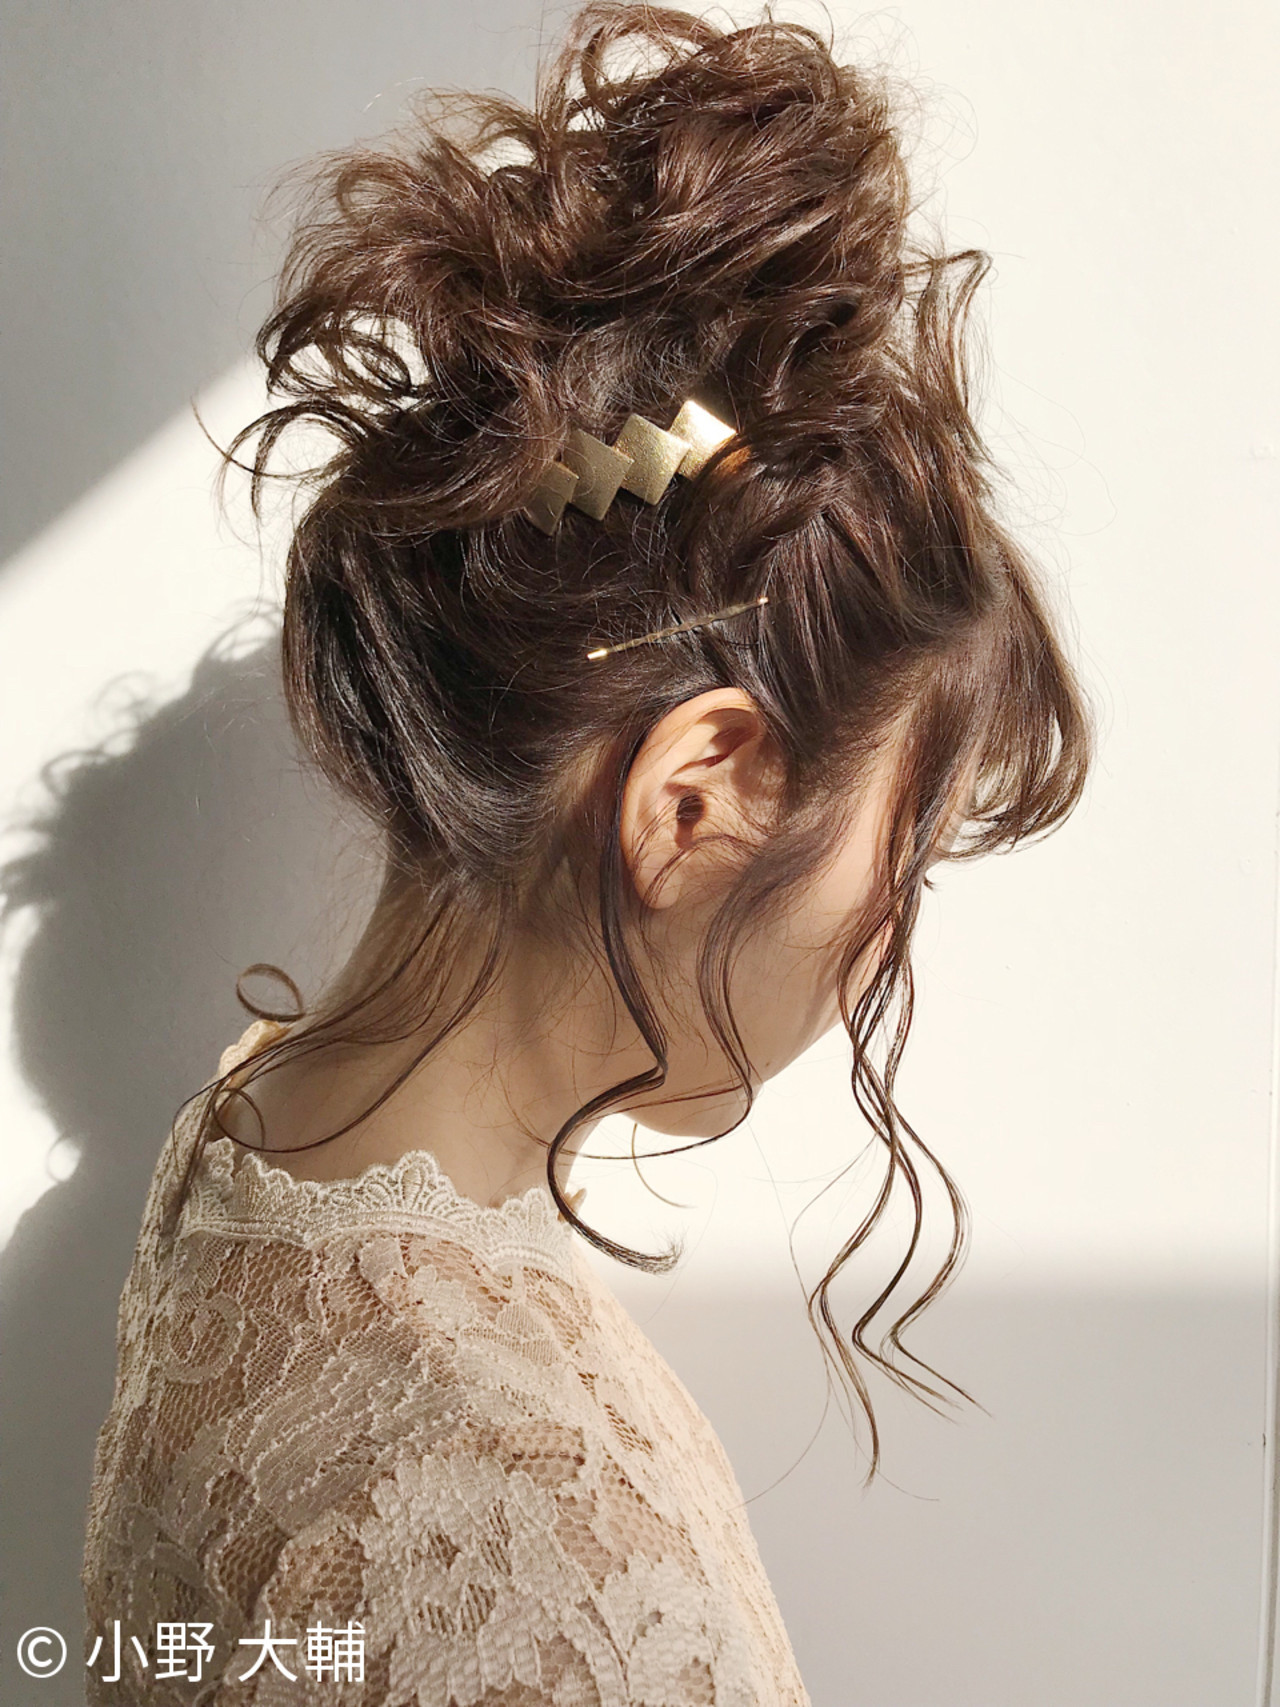 お団子 バレンタイン ミディアム ナチュラル ヘアスタイルや髪型の写真・画像